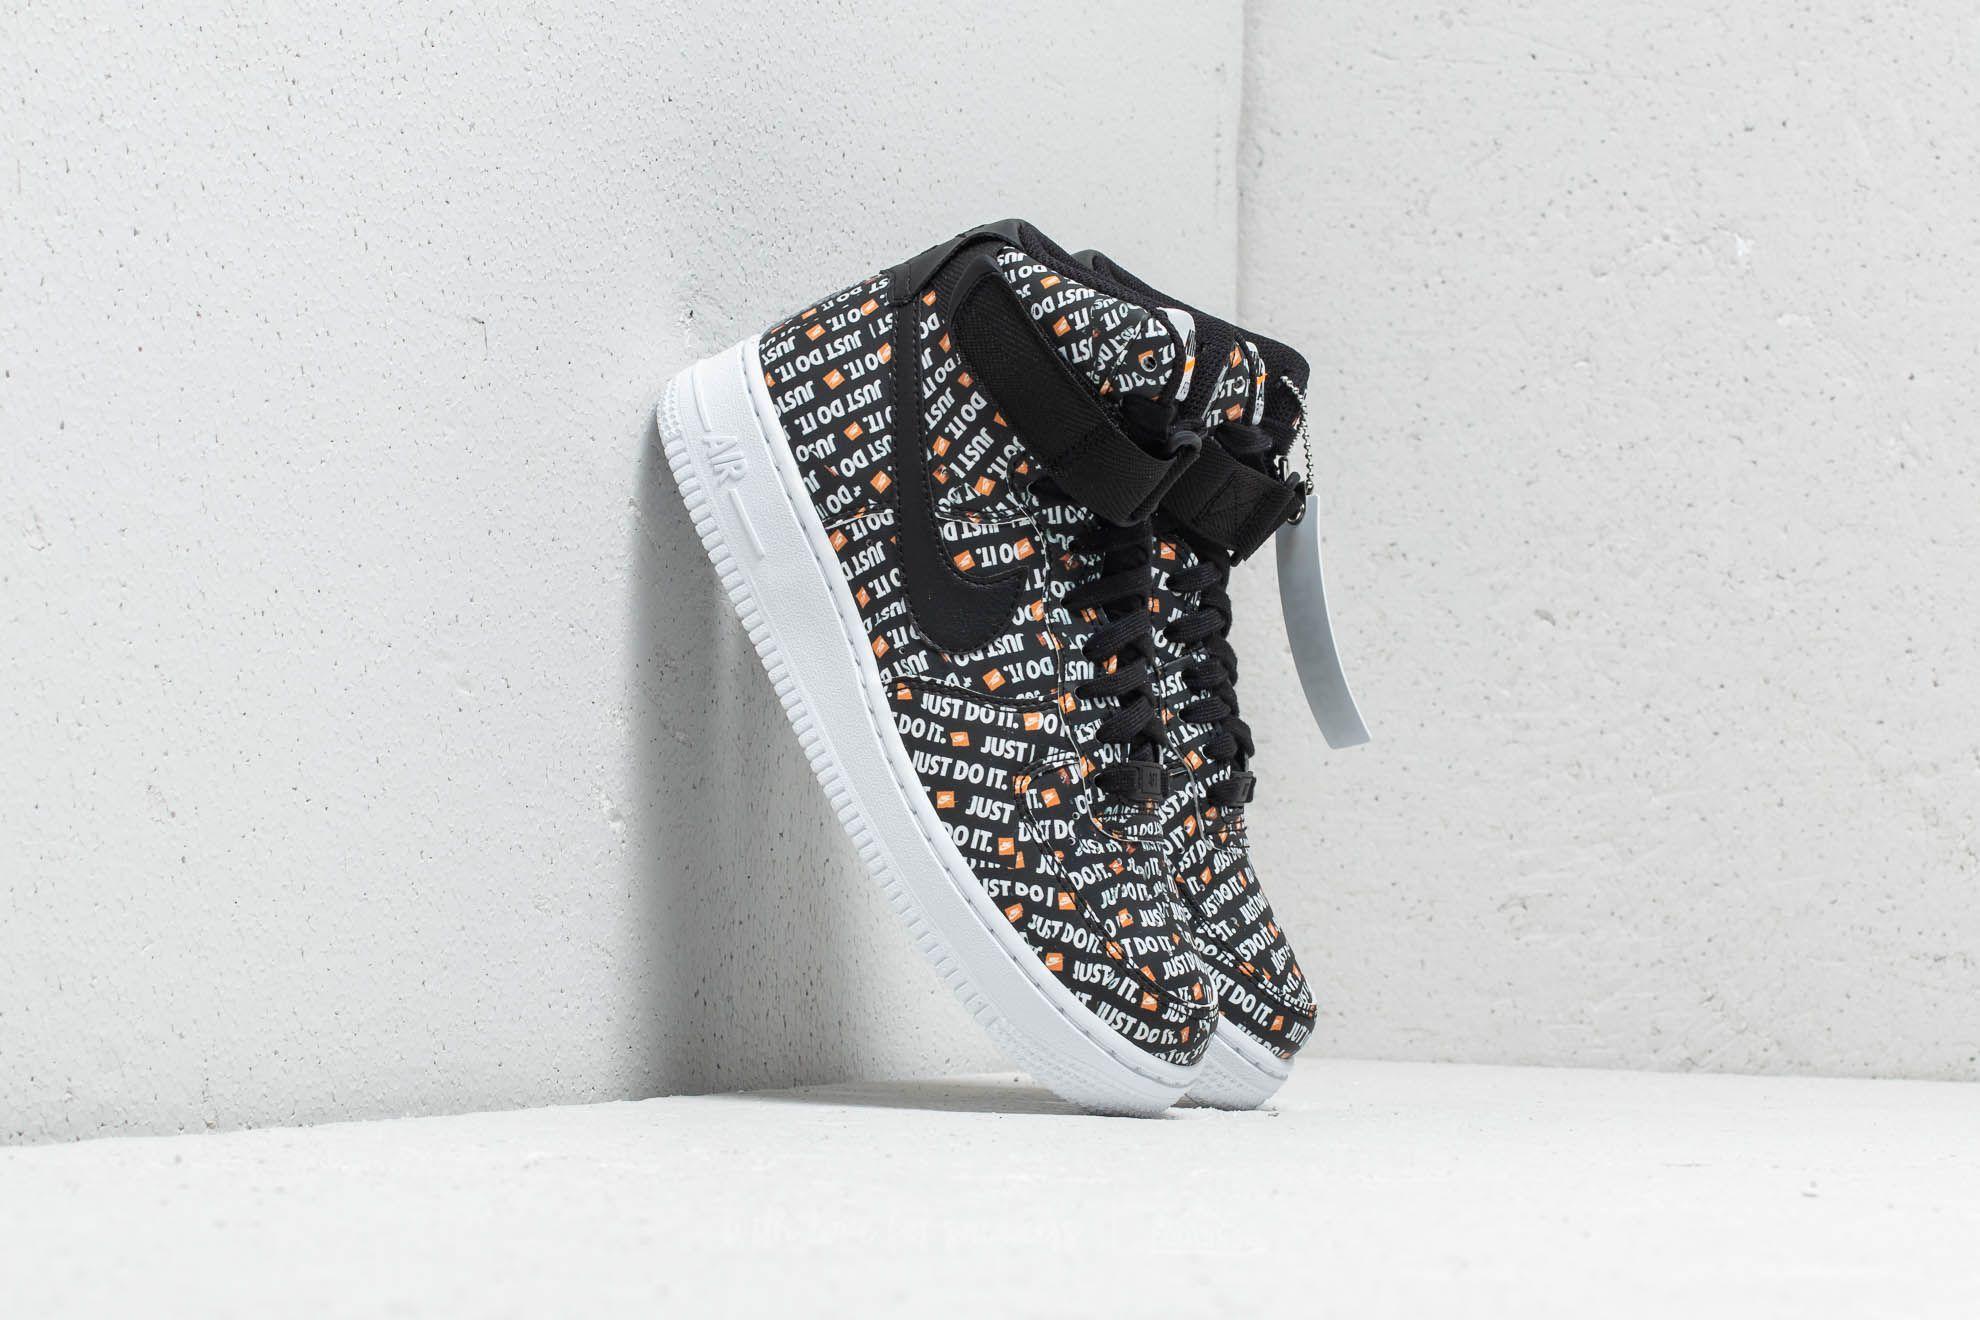 fea67ee451a Nike Wmns Air Force 1 Hi LX Black  Black-White-Total Orange ...